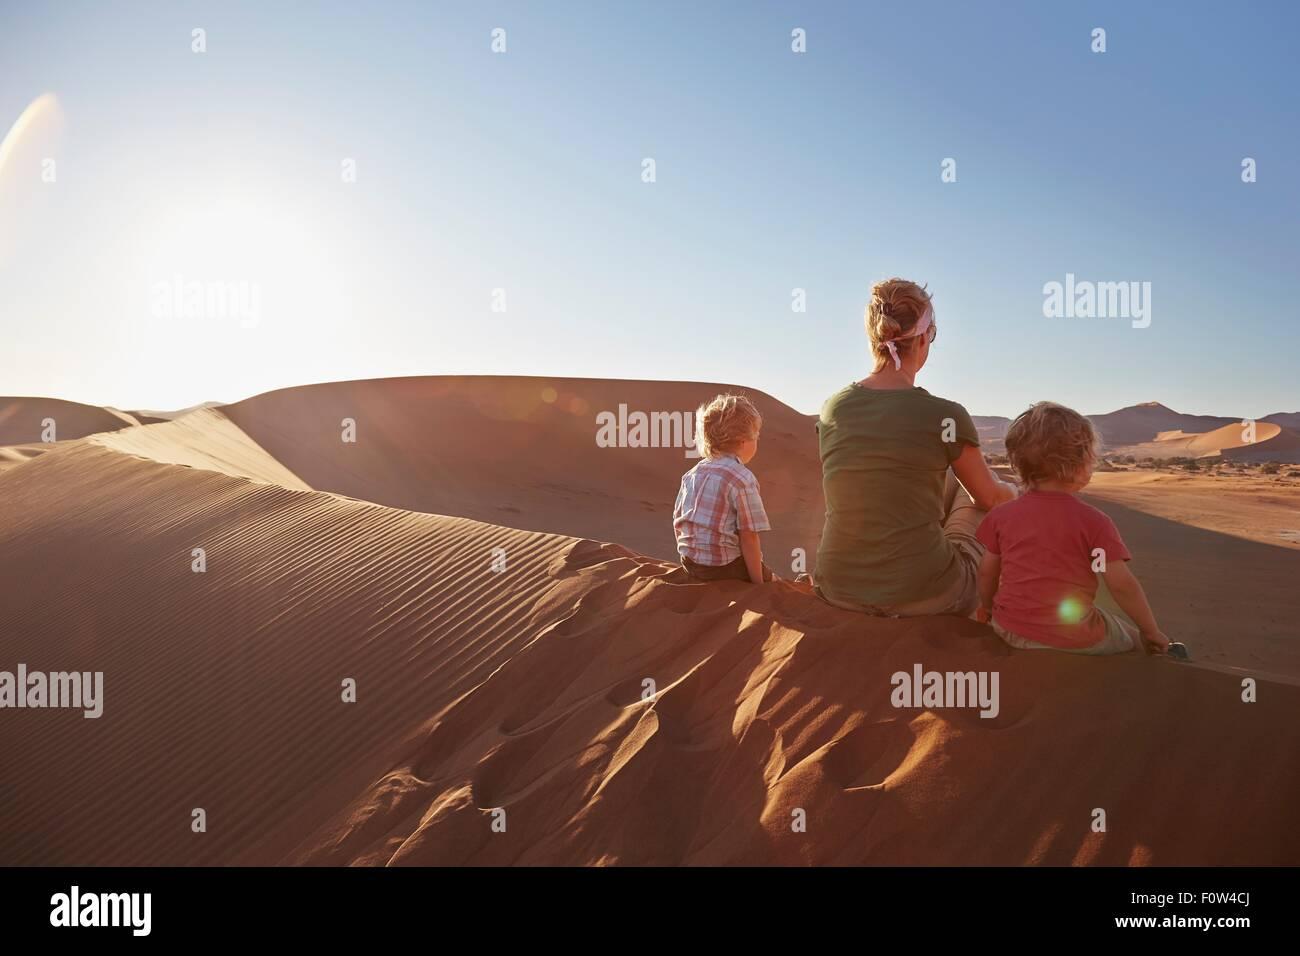 Mother and sons sitting on sand dune, Namib Naukluft National Park, Namib Desert, Sossusvlei, Dead Vlei, Africa - Stock Image